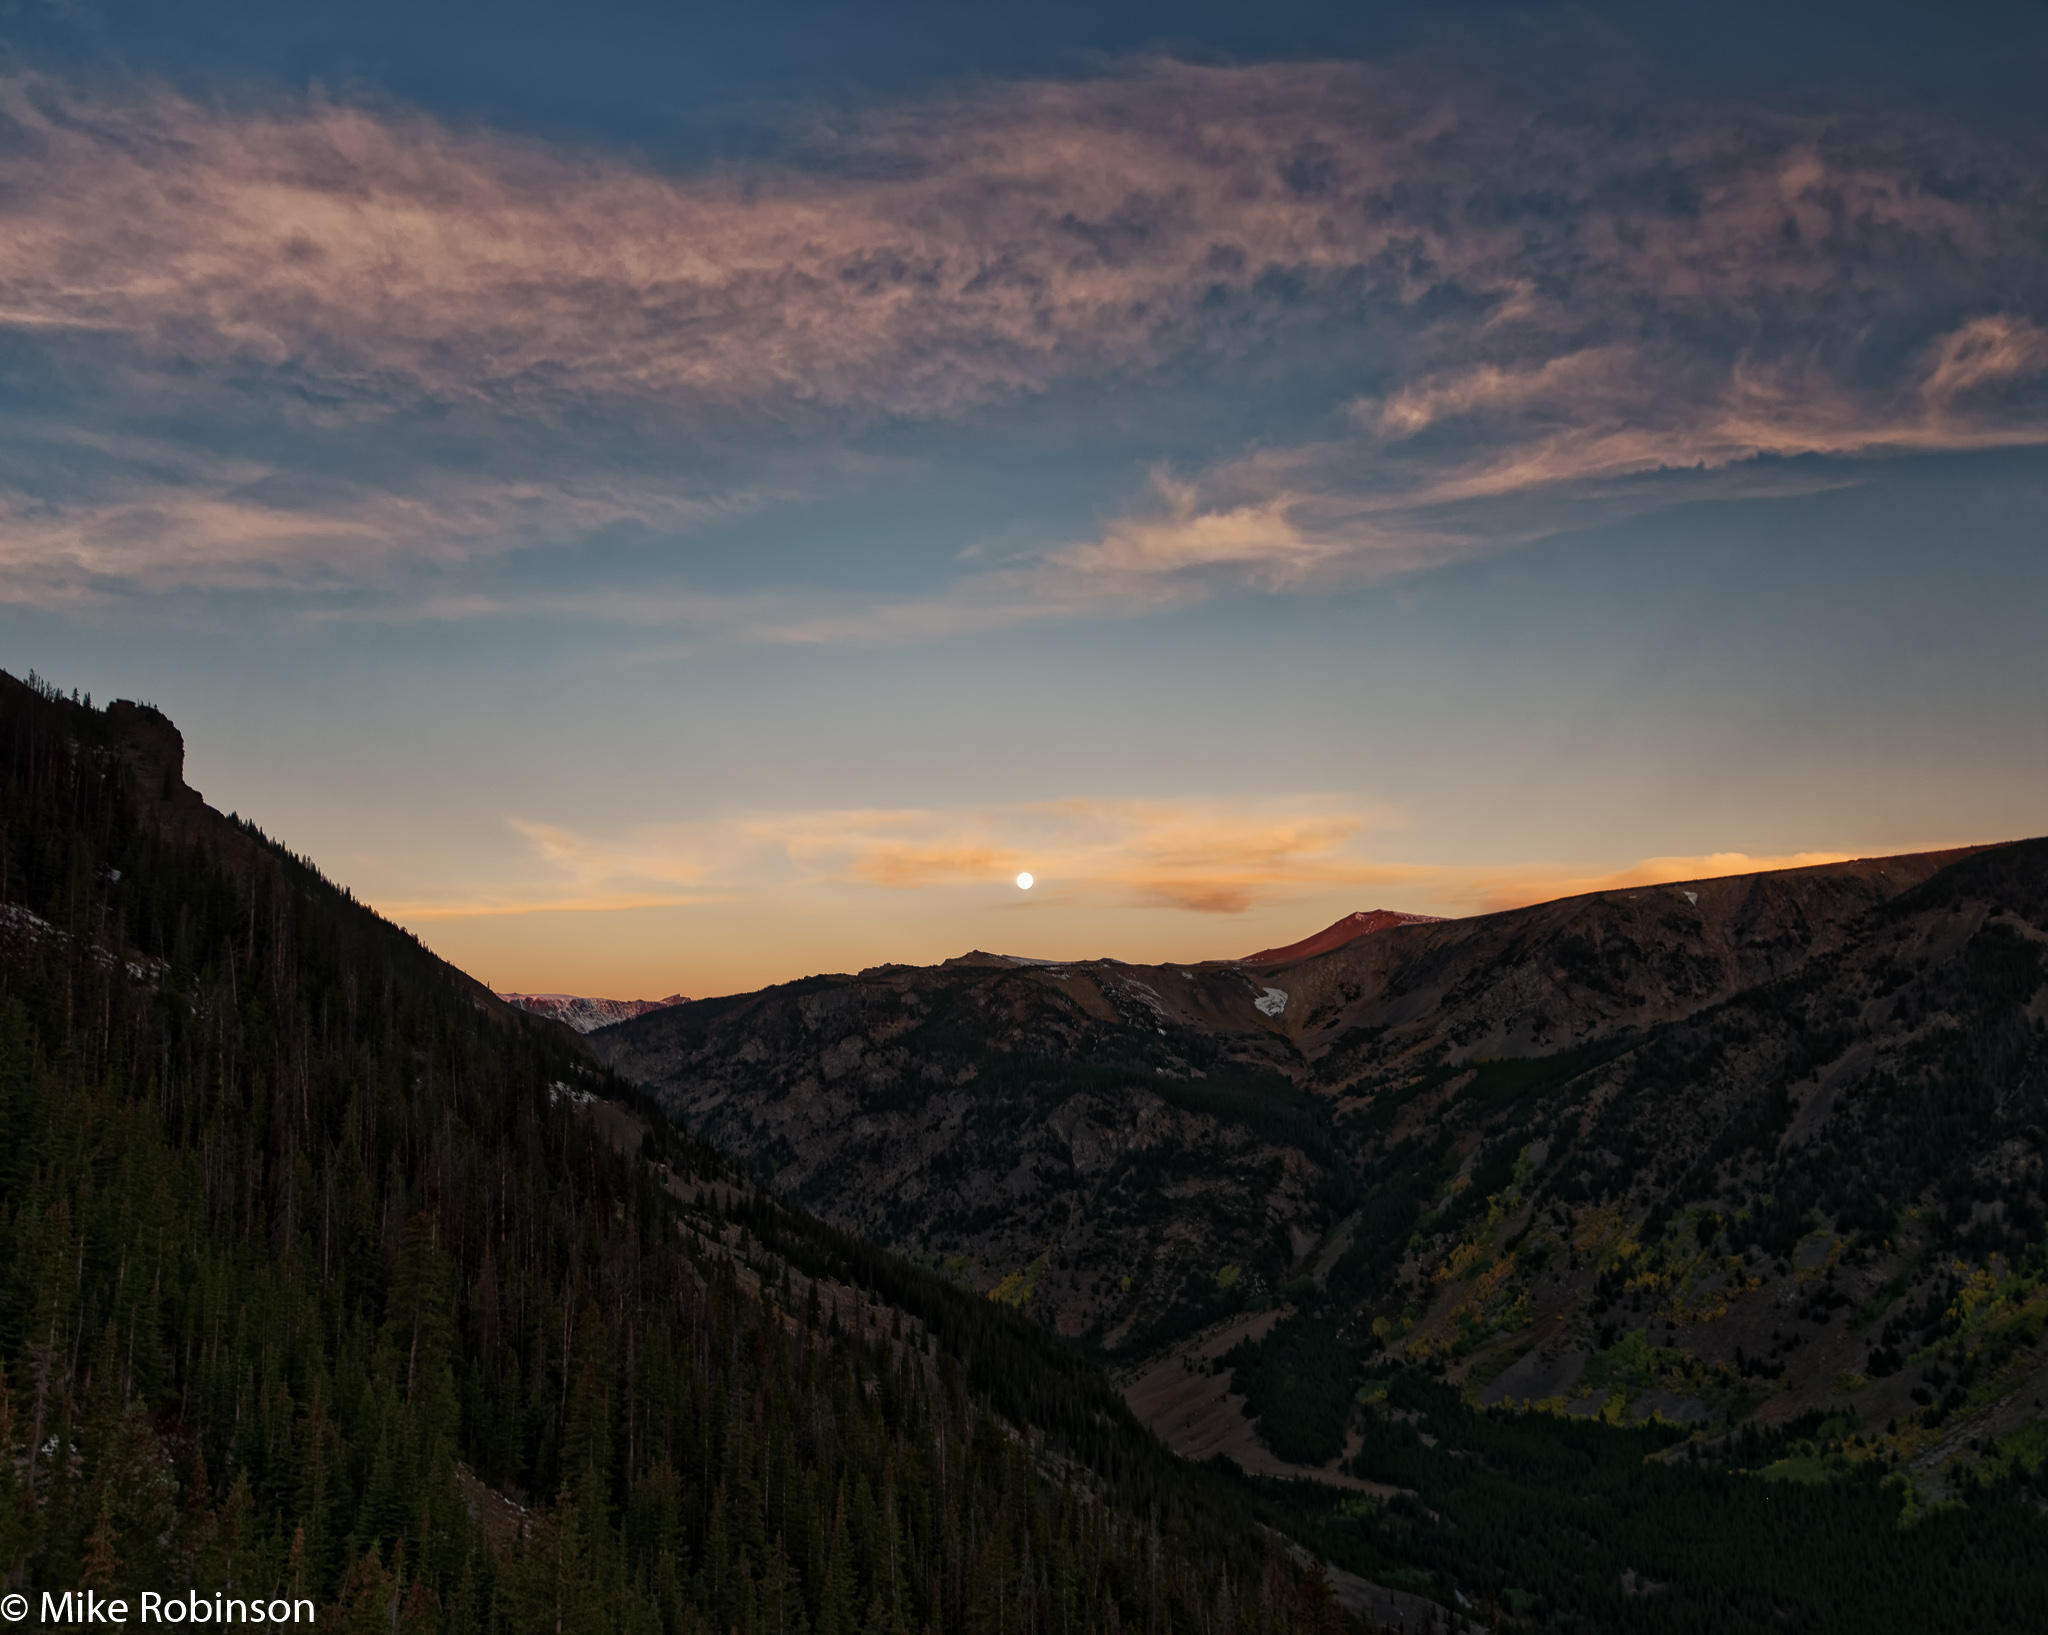 setting_moon_rising_sun_2